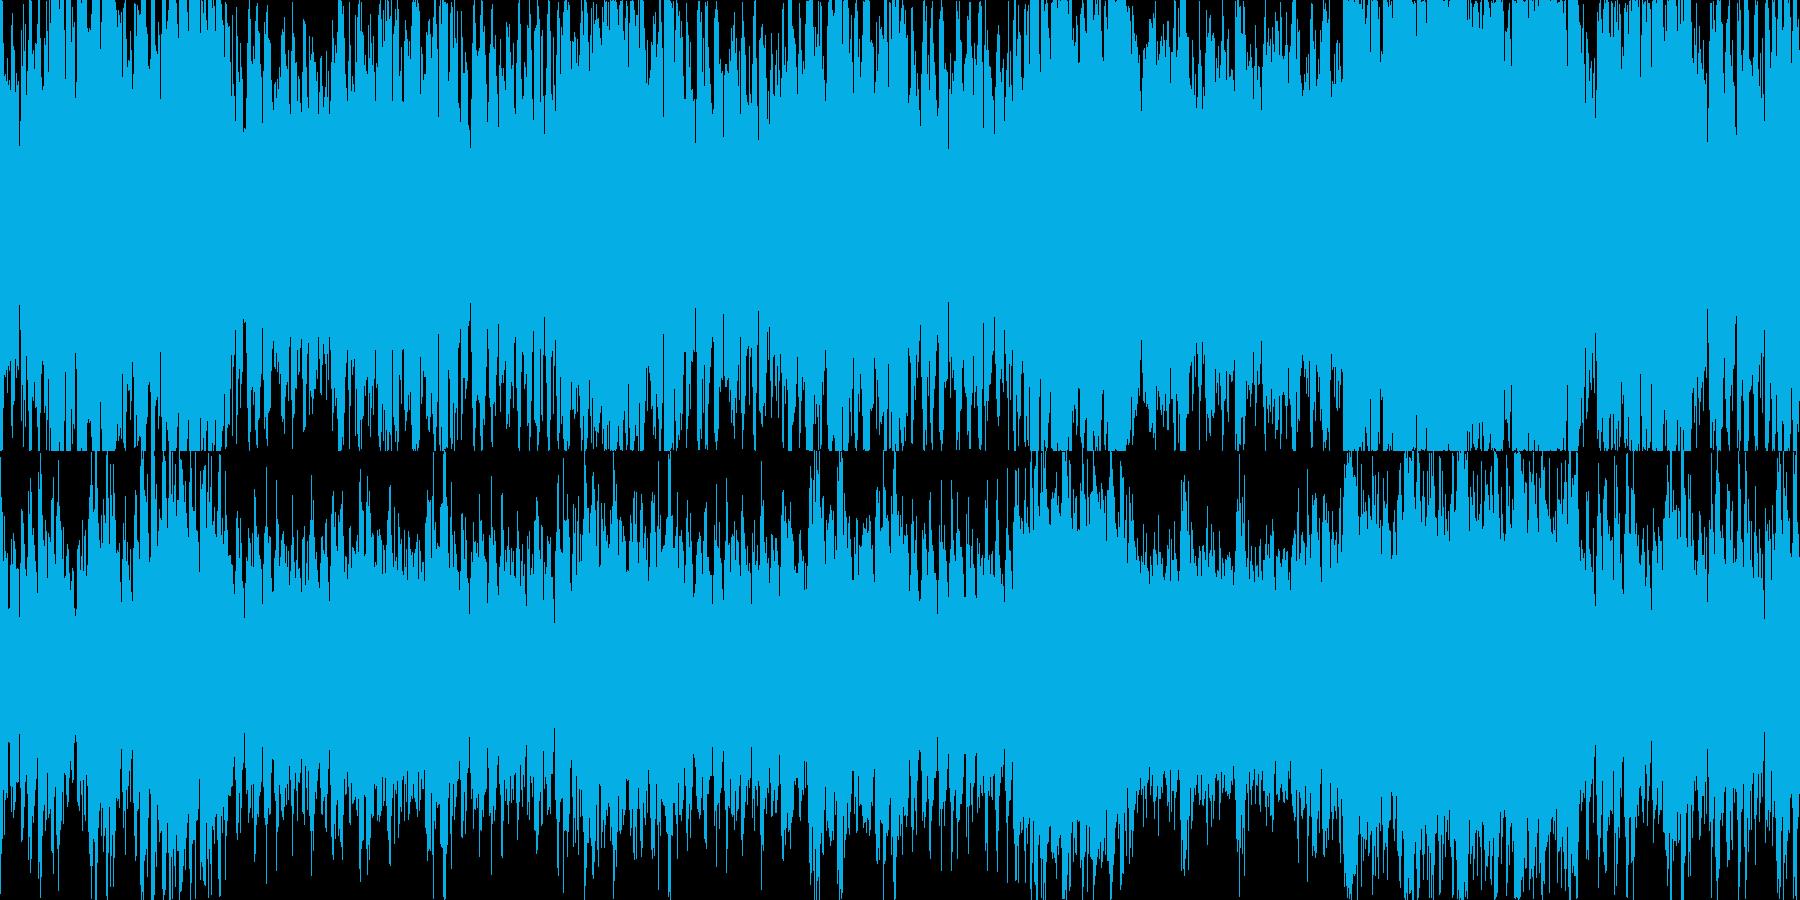 バトル用シンフォニックなループ曲の再生済みの波形